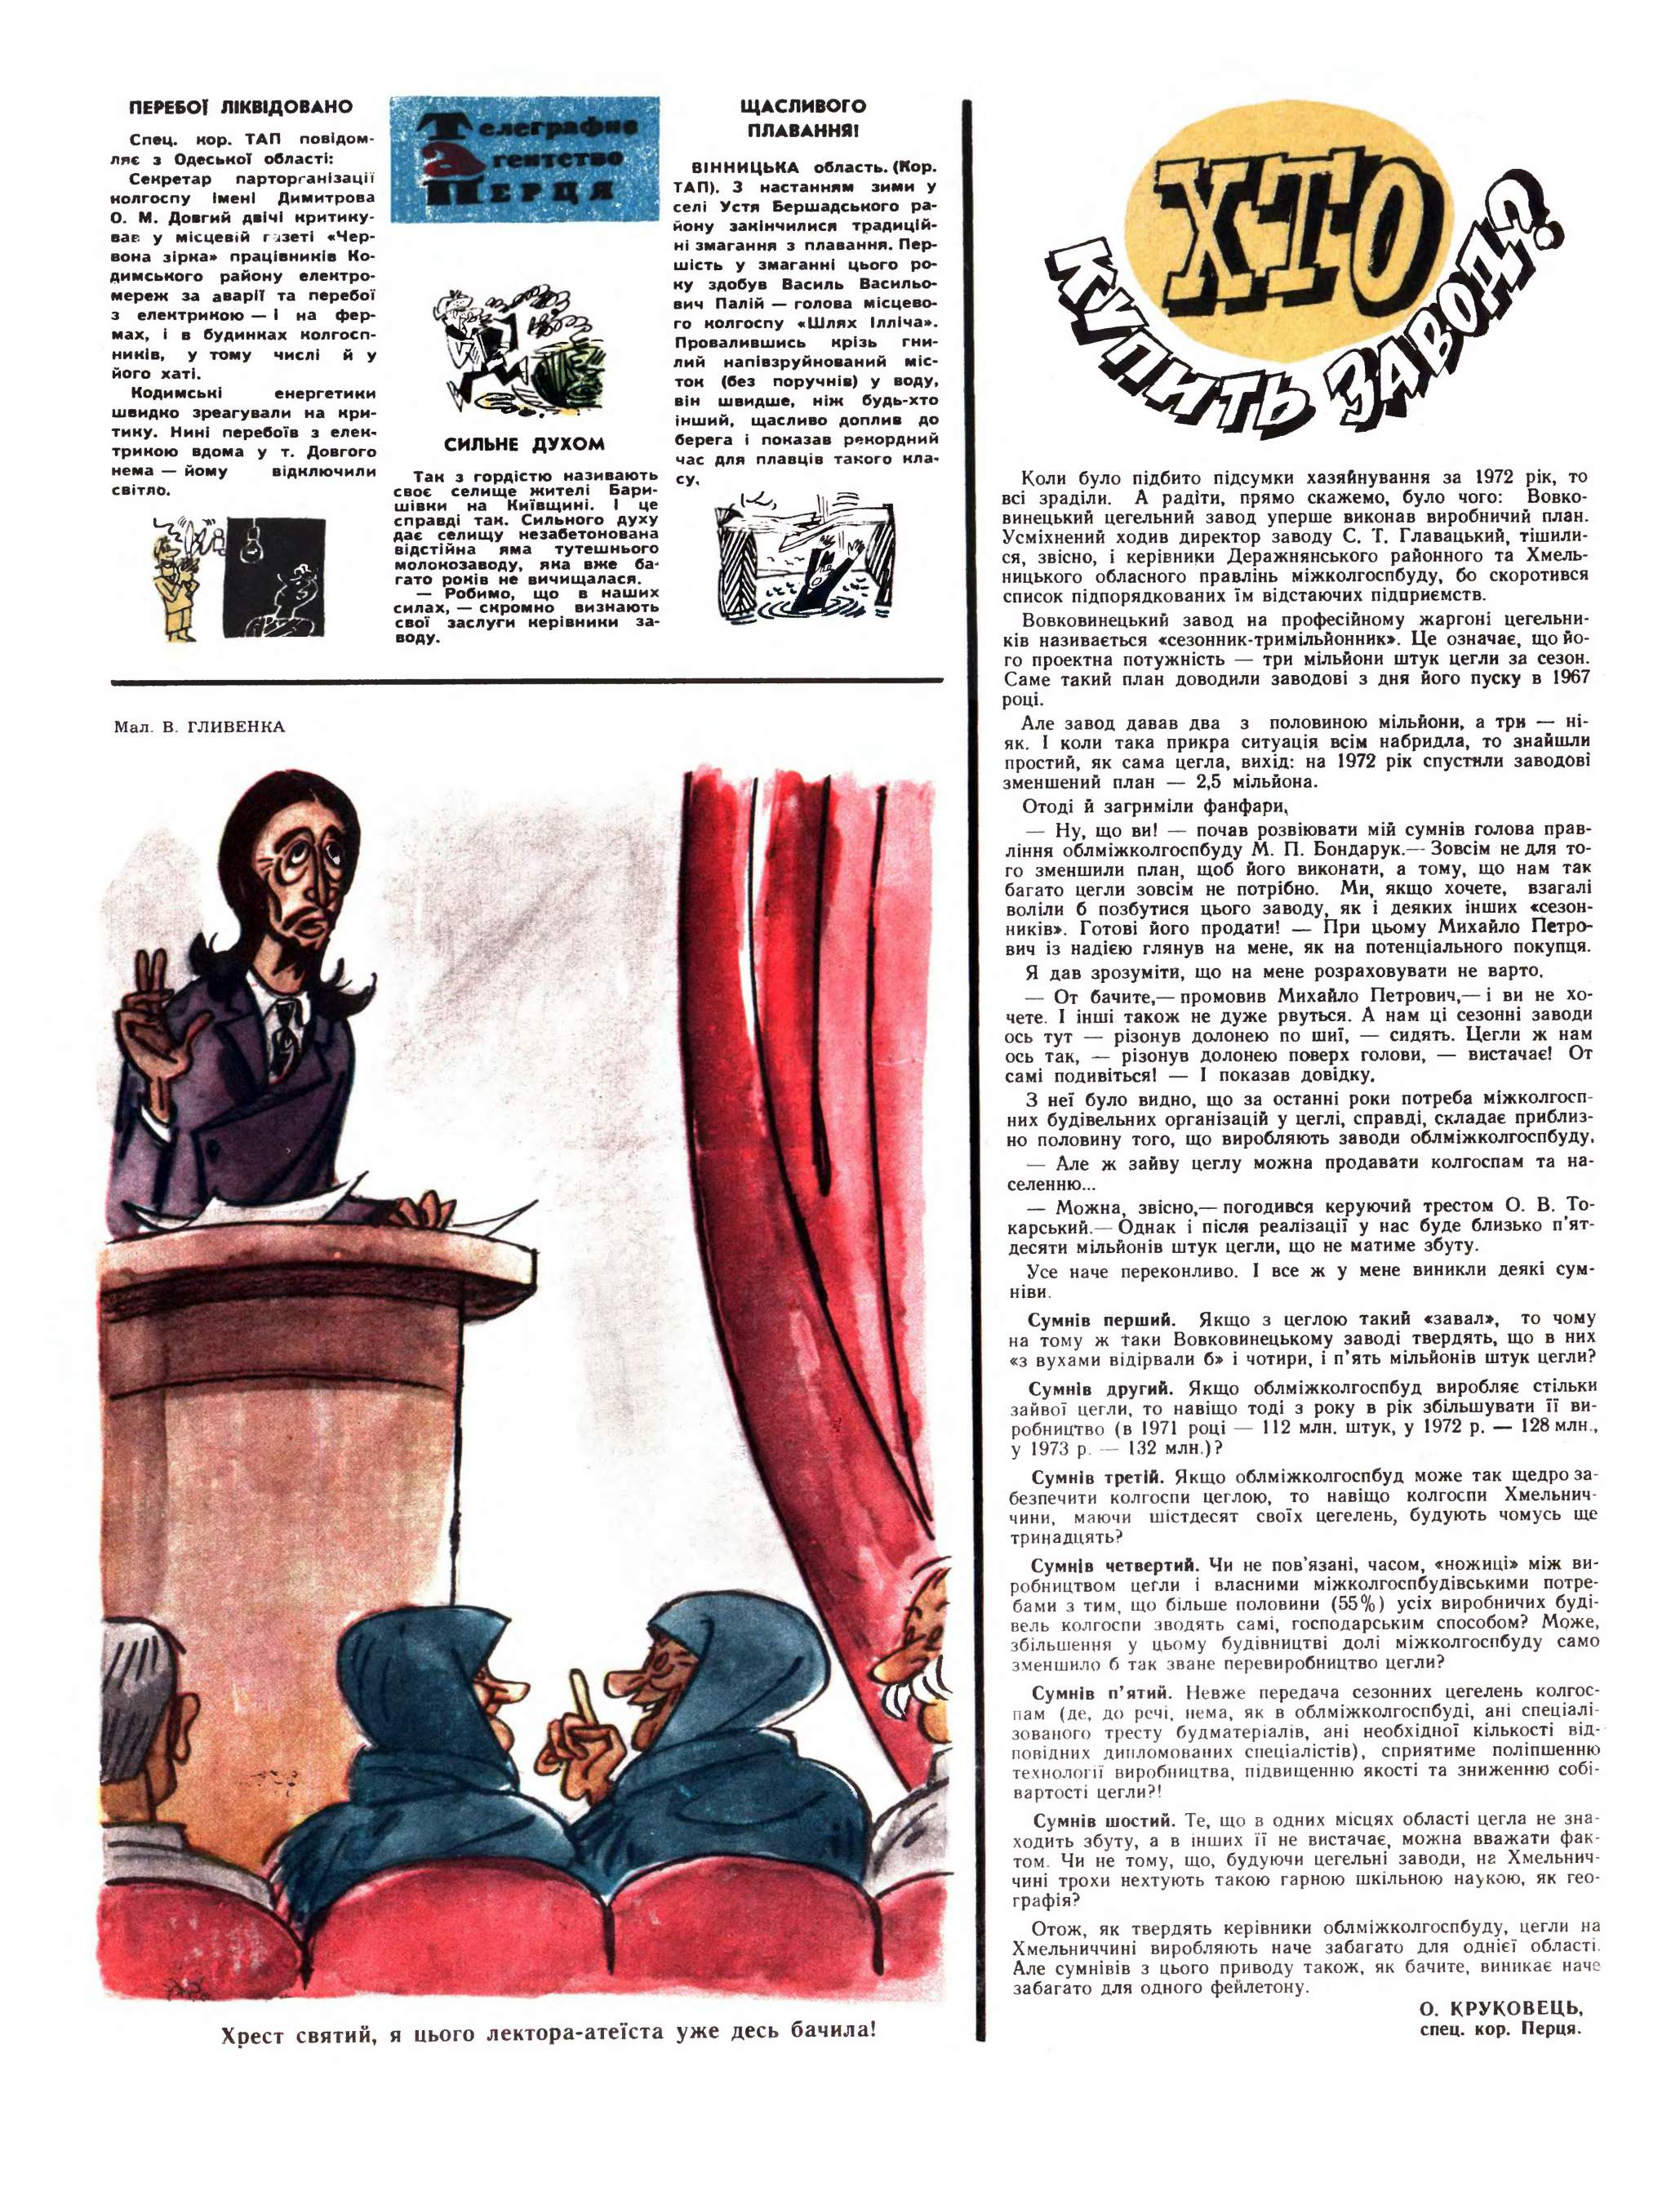 Журнал перець 1973 №23